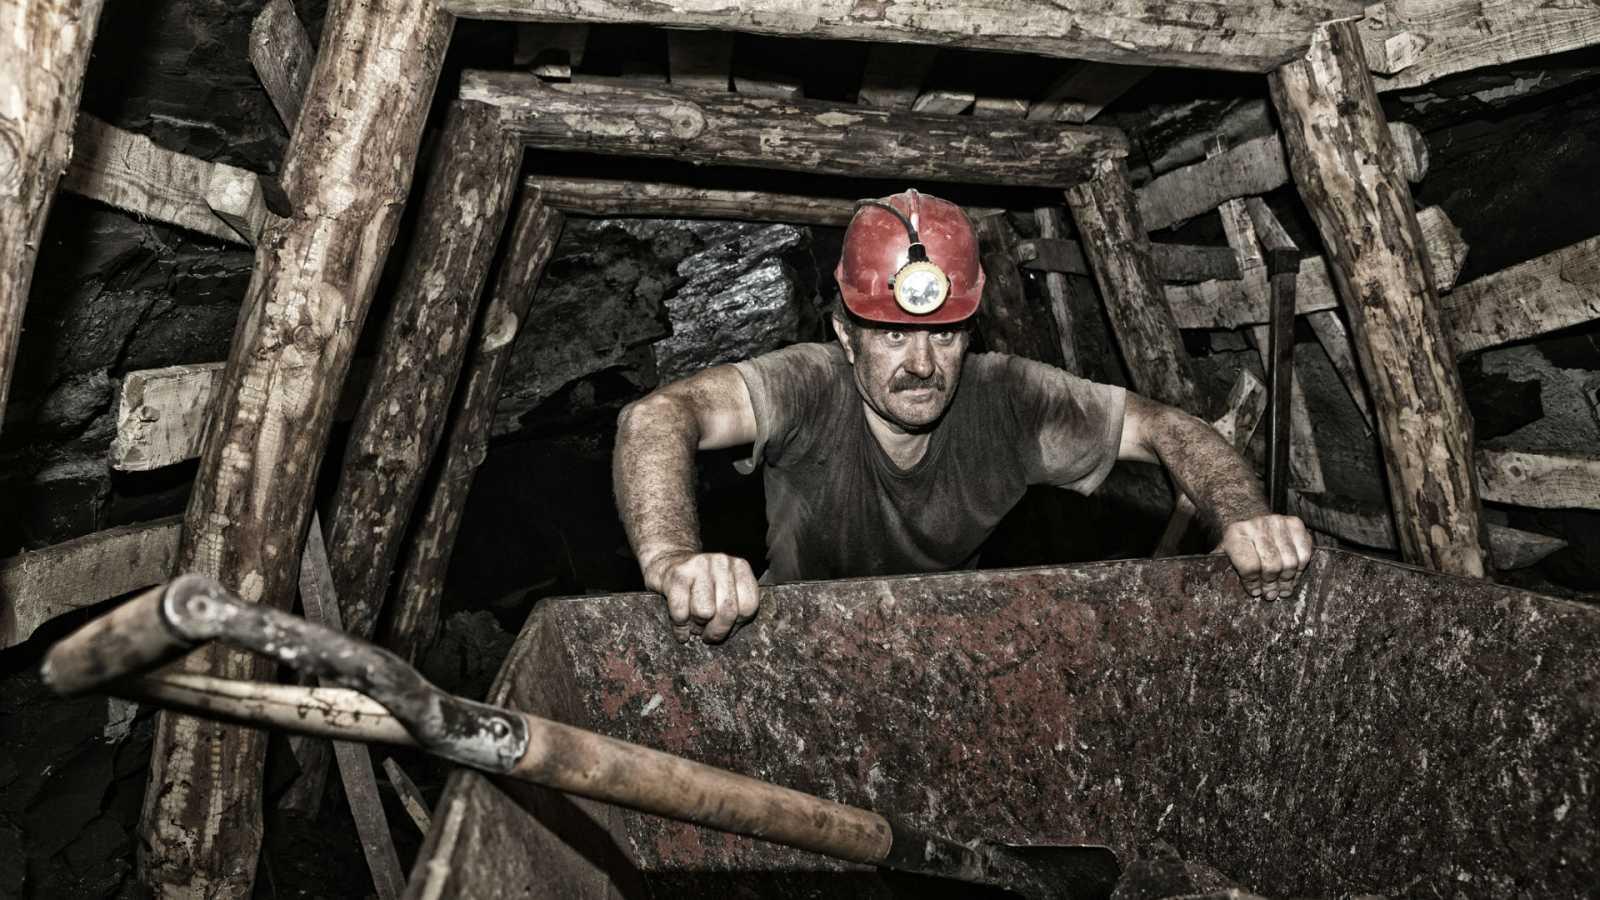 En primera persona - Bajamos a una mina emblemática que ya no existe. Queda su memoria - 12/05/20 - escuchar ahora